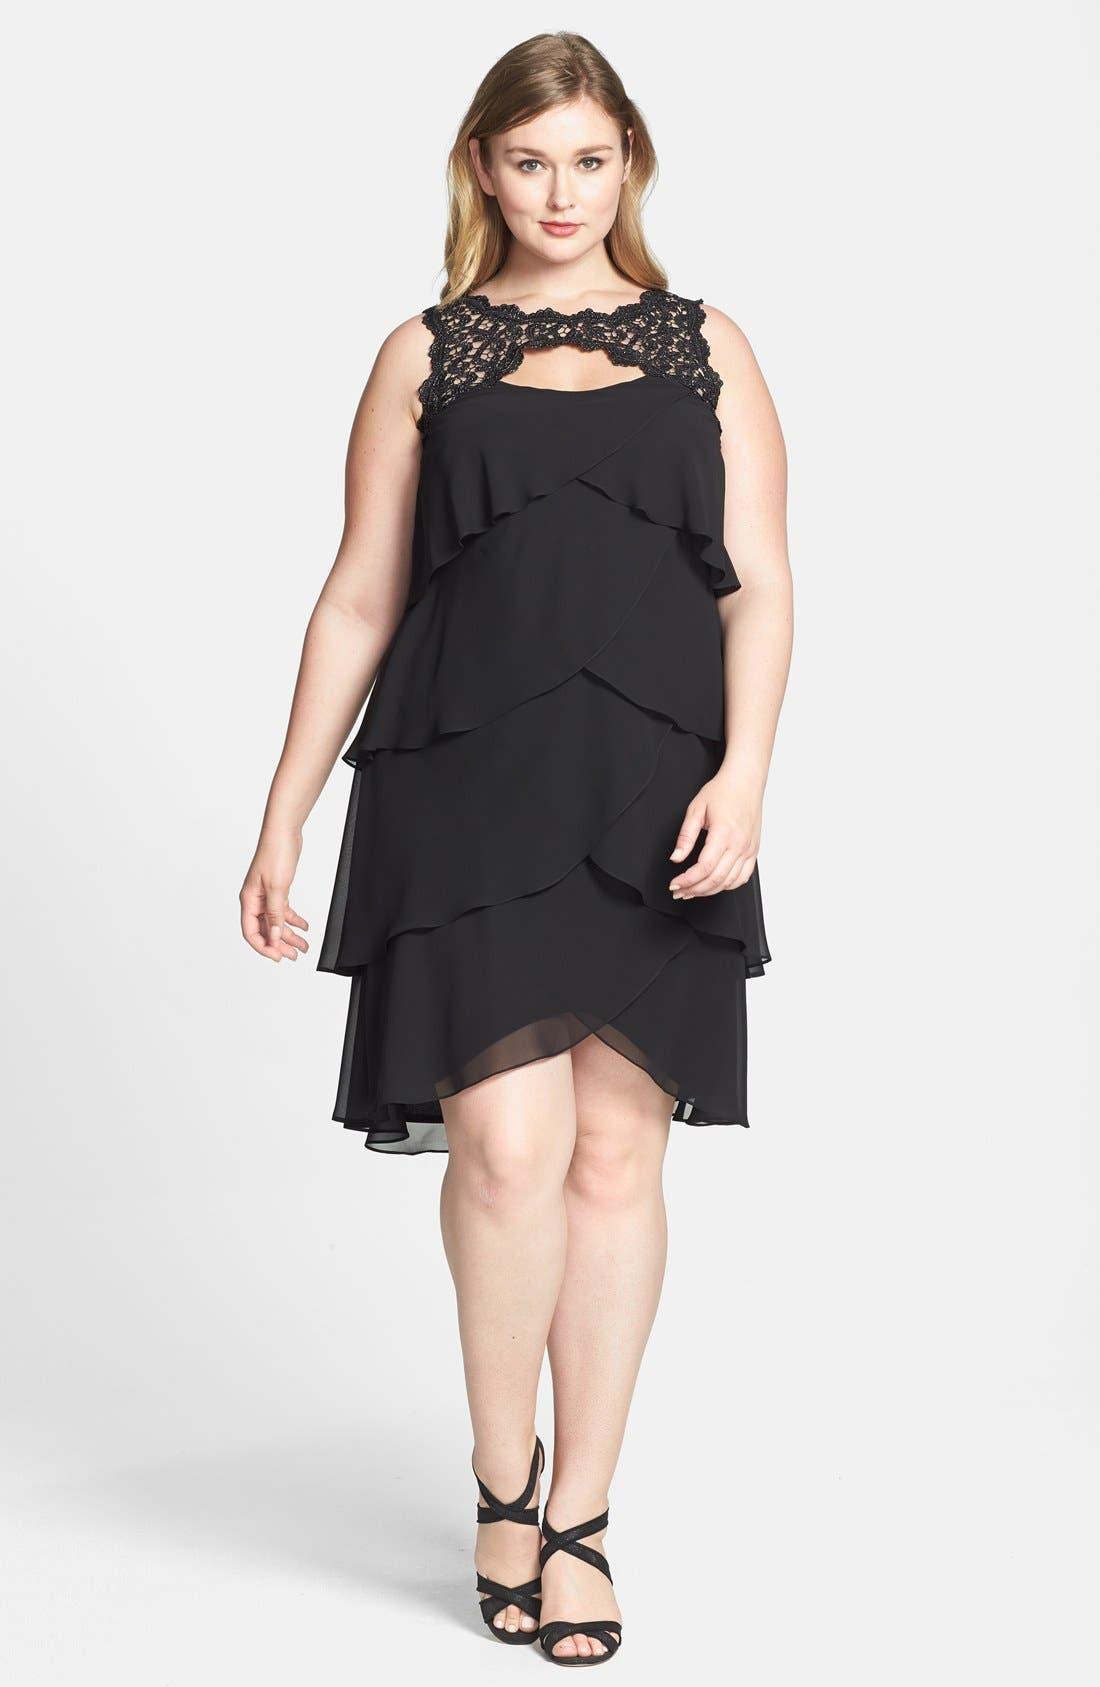 Main Image - Xscape Lace Yoke Tiered Chiffon Cocktail Dress (Plus Size)